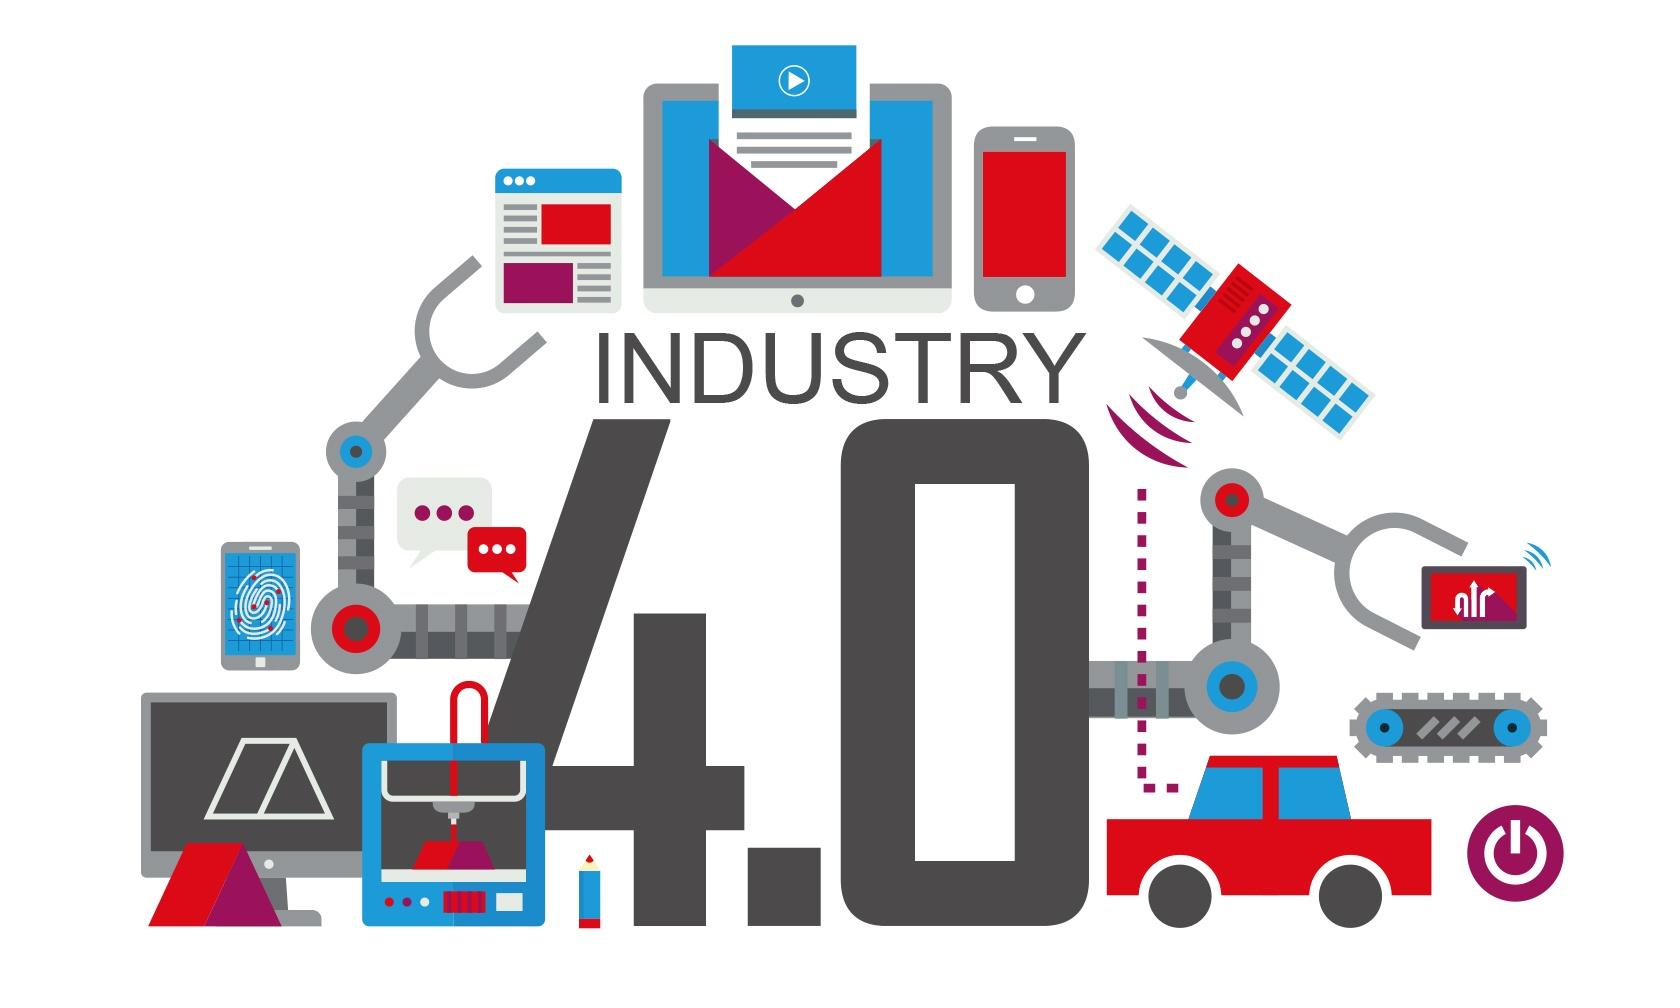 Já conhece a Indústria 4.0? Saiba tudo sobre a quarta revolução industrial